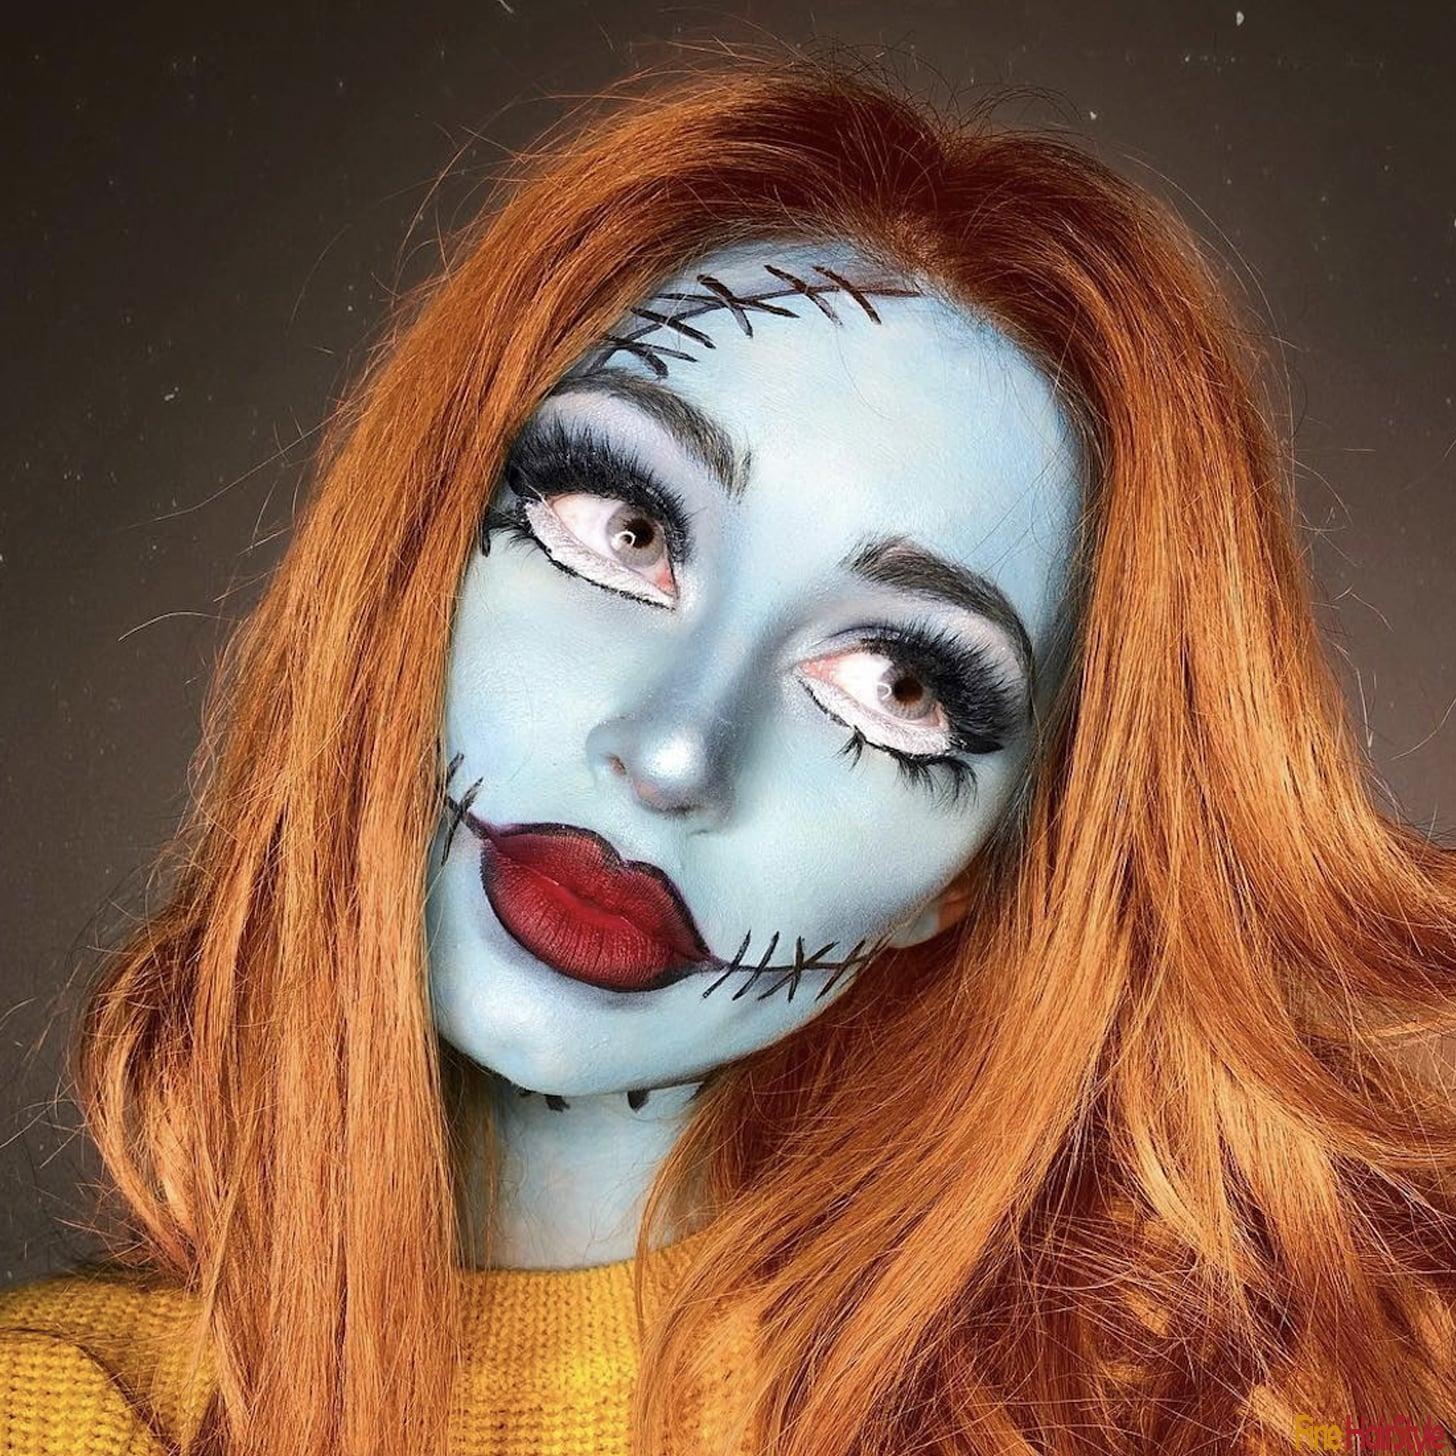 2020 Trends Halloween 20 Halloween Makeup 2020 #halloween #makeup #halloweenmakeup #2020